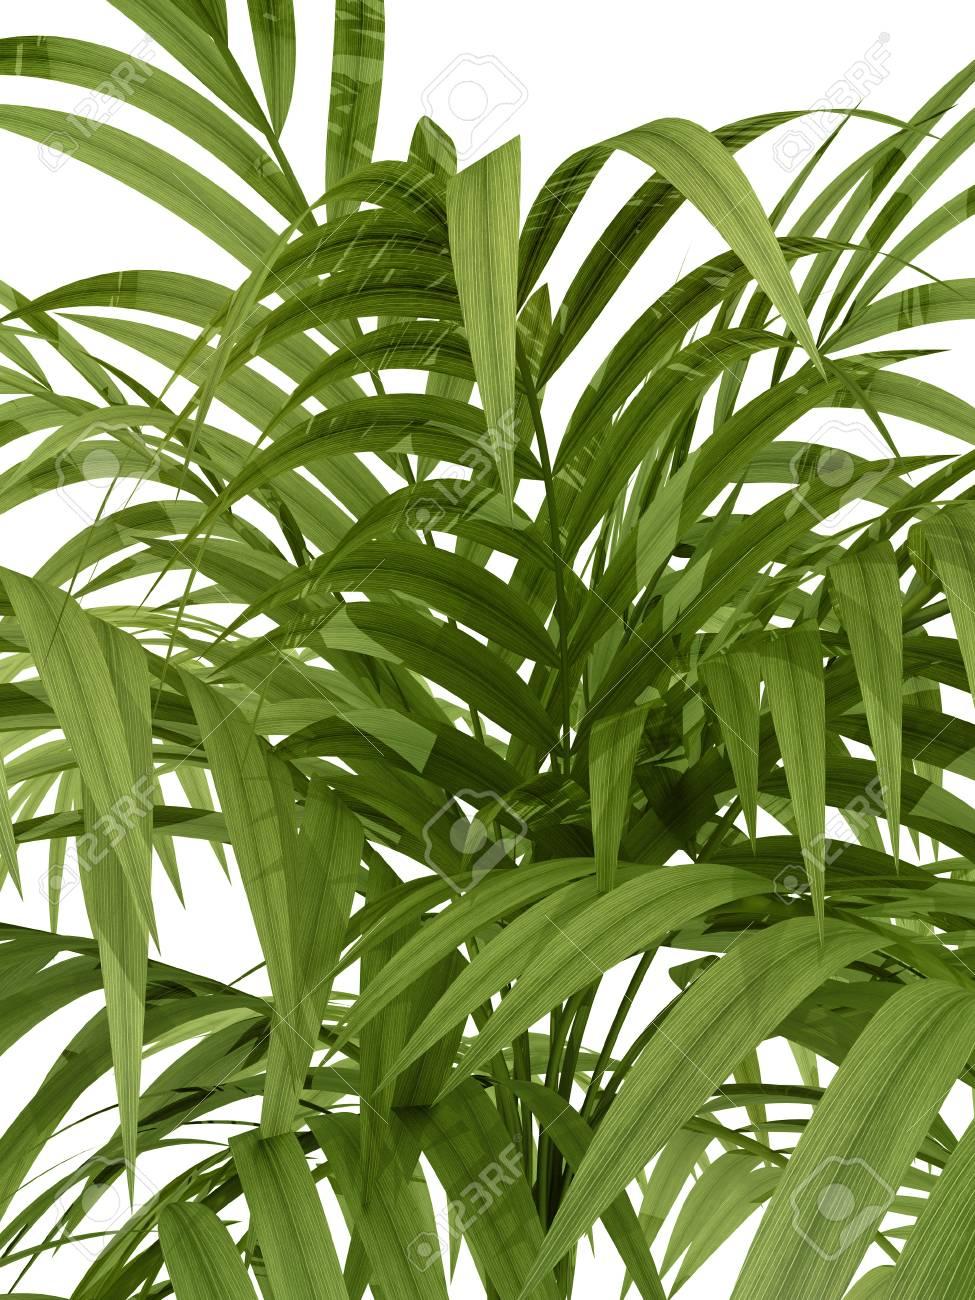 Siepe Di Bambu Prezzo.Immagini Stock Tropicali Pianta Fernleaf Rami Siepe Di Bambu Su